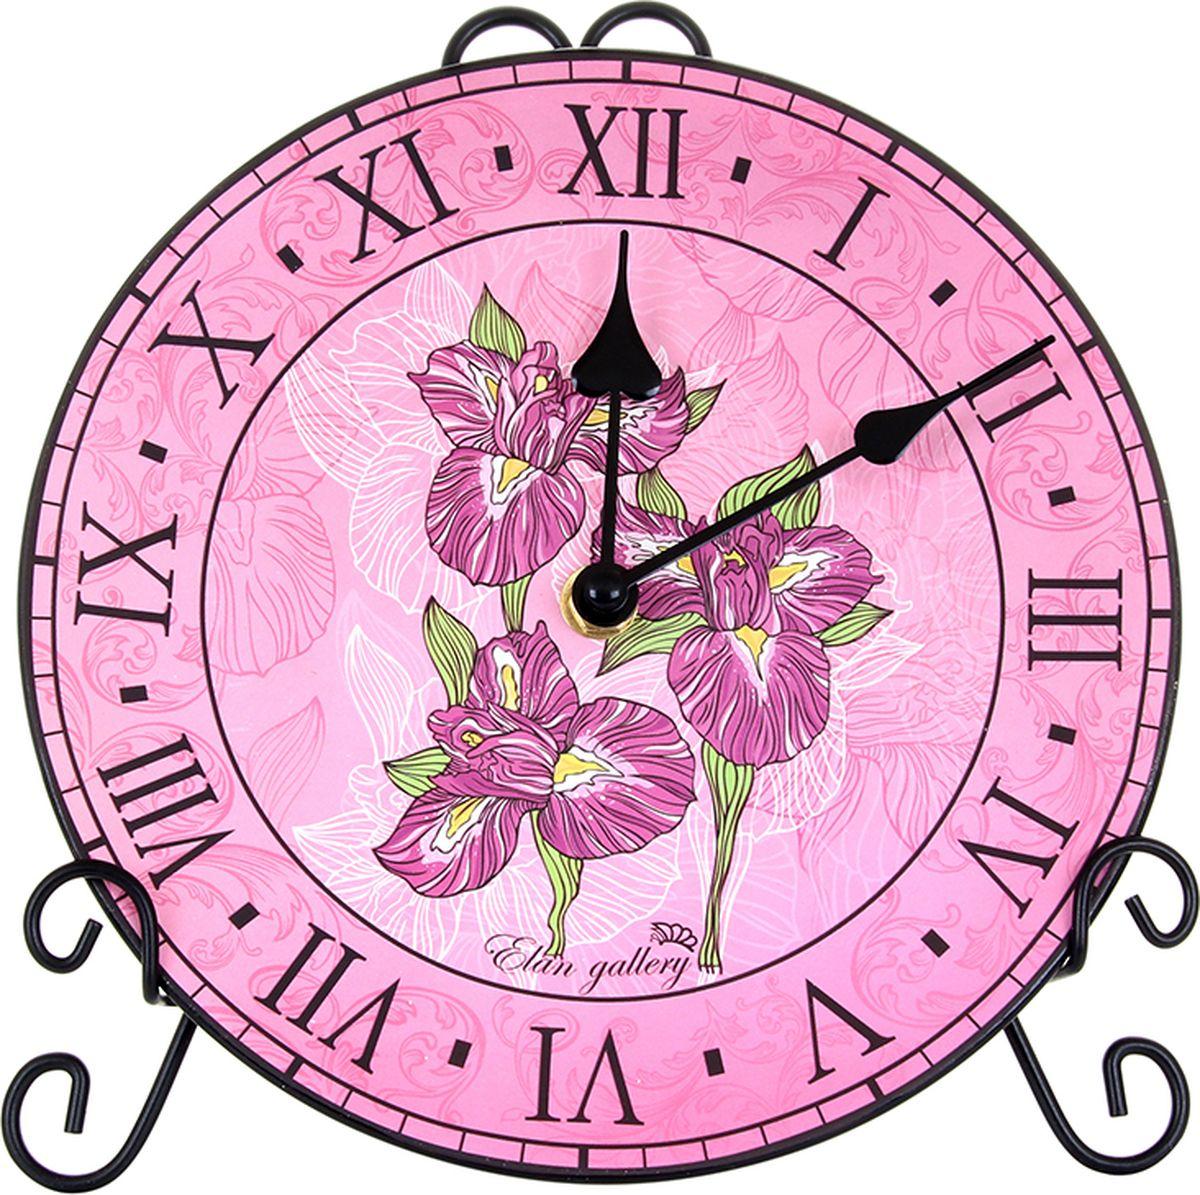 Настольные часы Elan Gallery Ирисы, с подставкой, 20 см. 520128520128Красивые настенные часы украсят любой интерьер, станут его изюминкой. Гостиная, столовая, спальня в момент преобразятся, если дополнить их красивыми часами. Благодаря изящной подставке, часы можно установить на столе или полке.